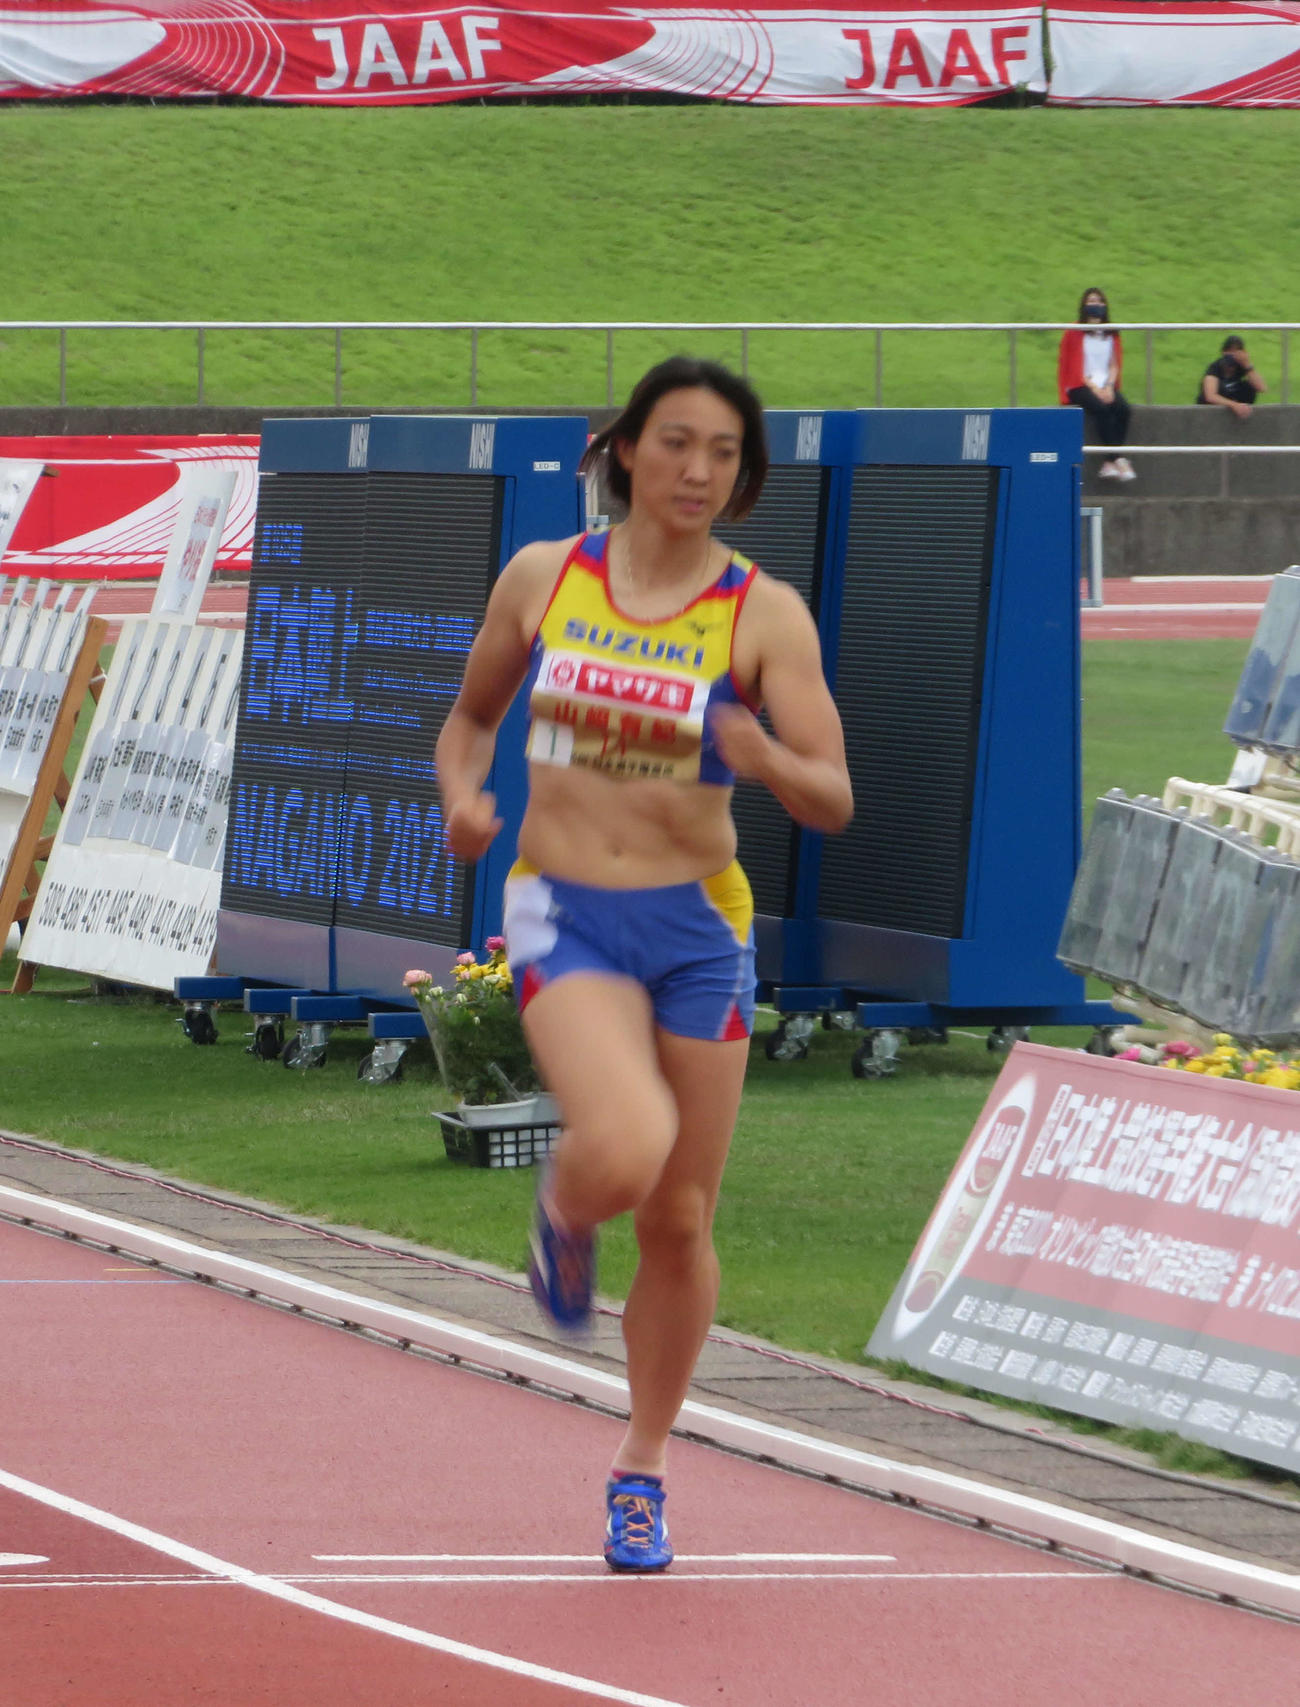 最終種目の女子800メートルを走り終えた山崎(撮影・上田悠太)